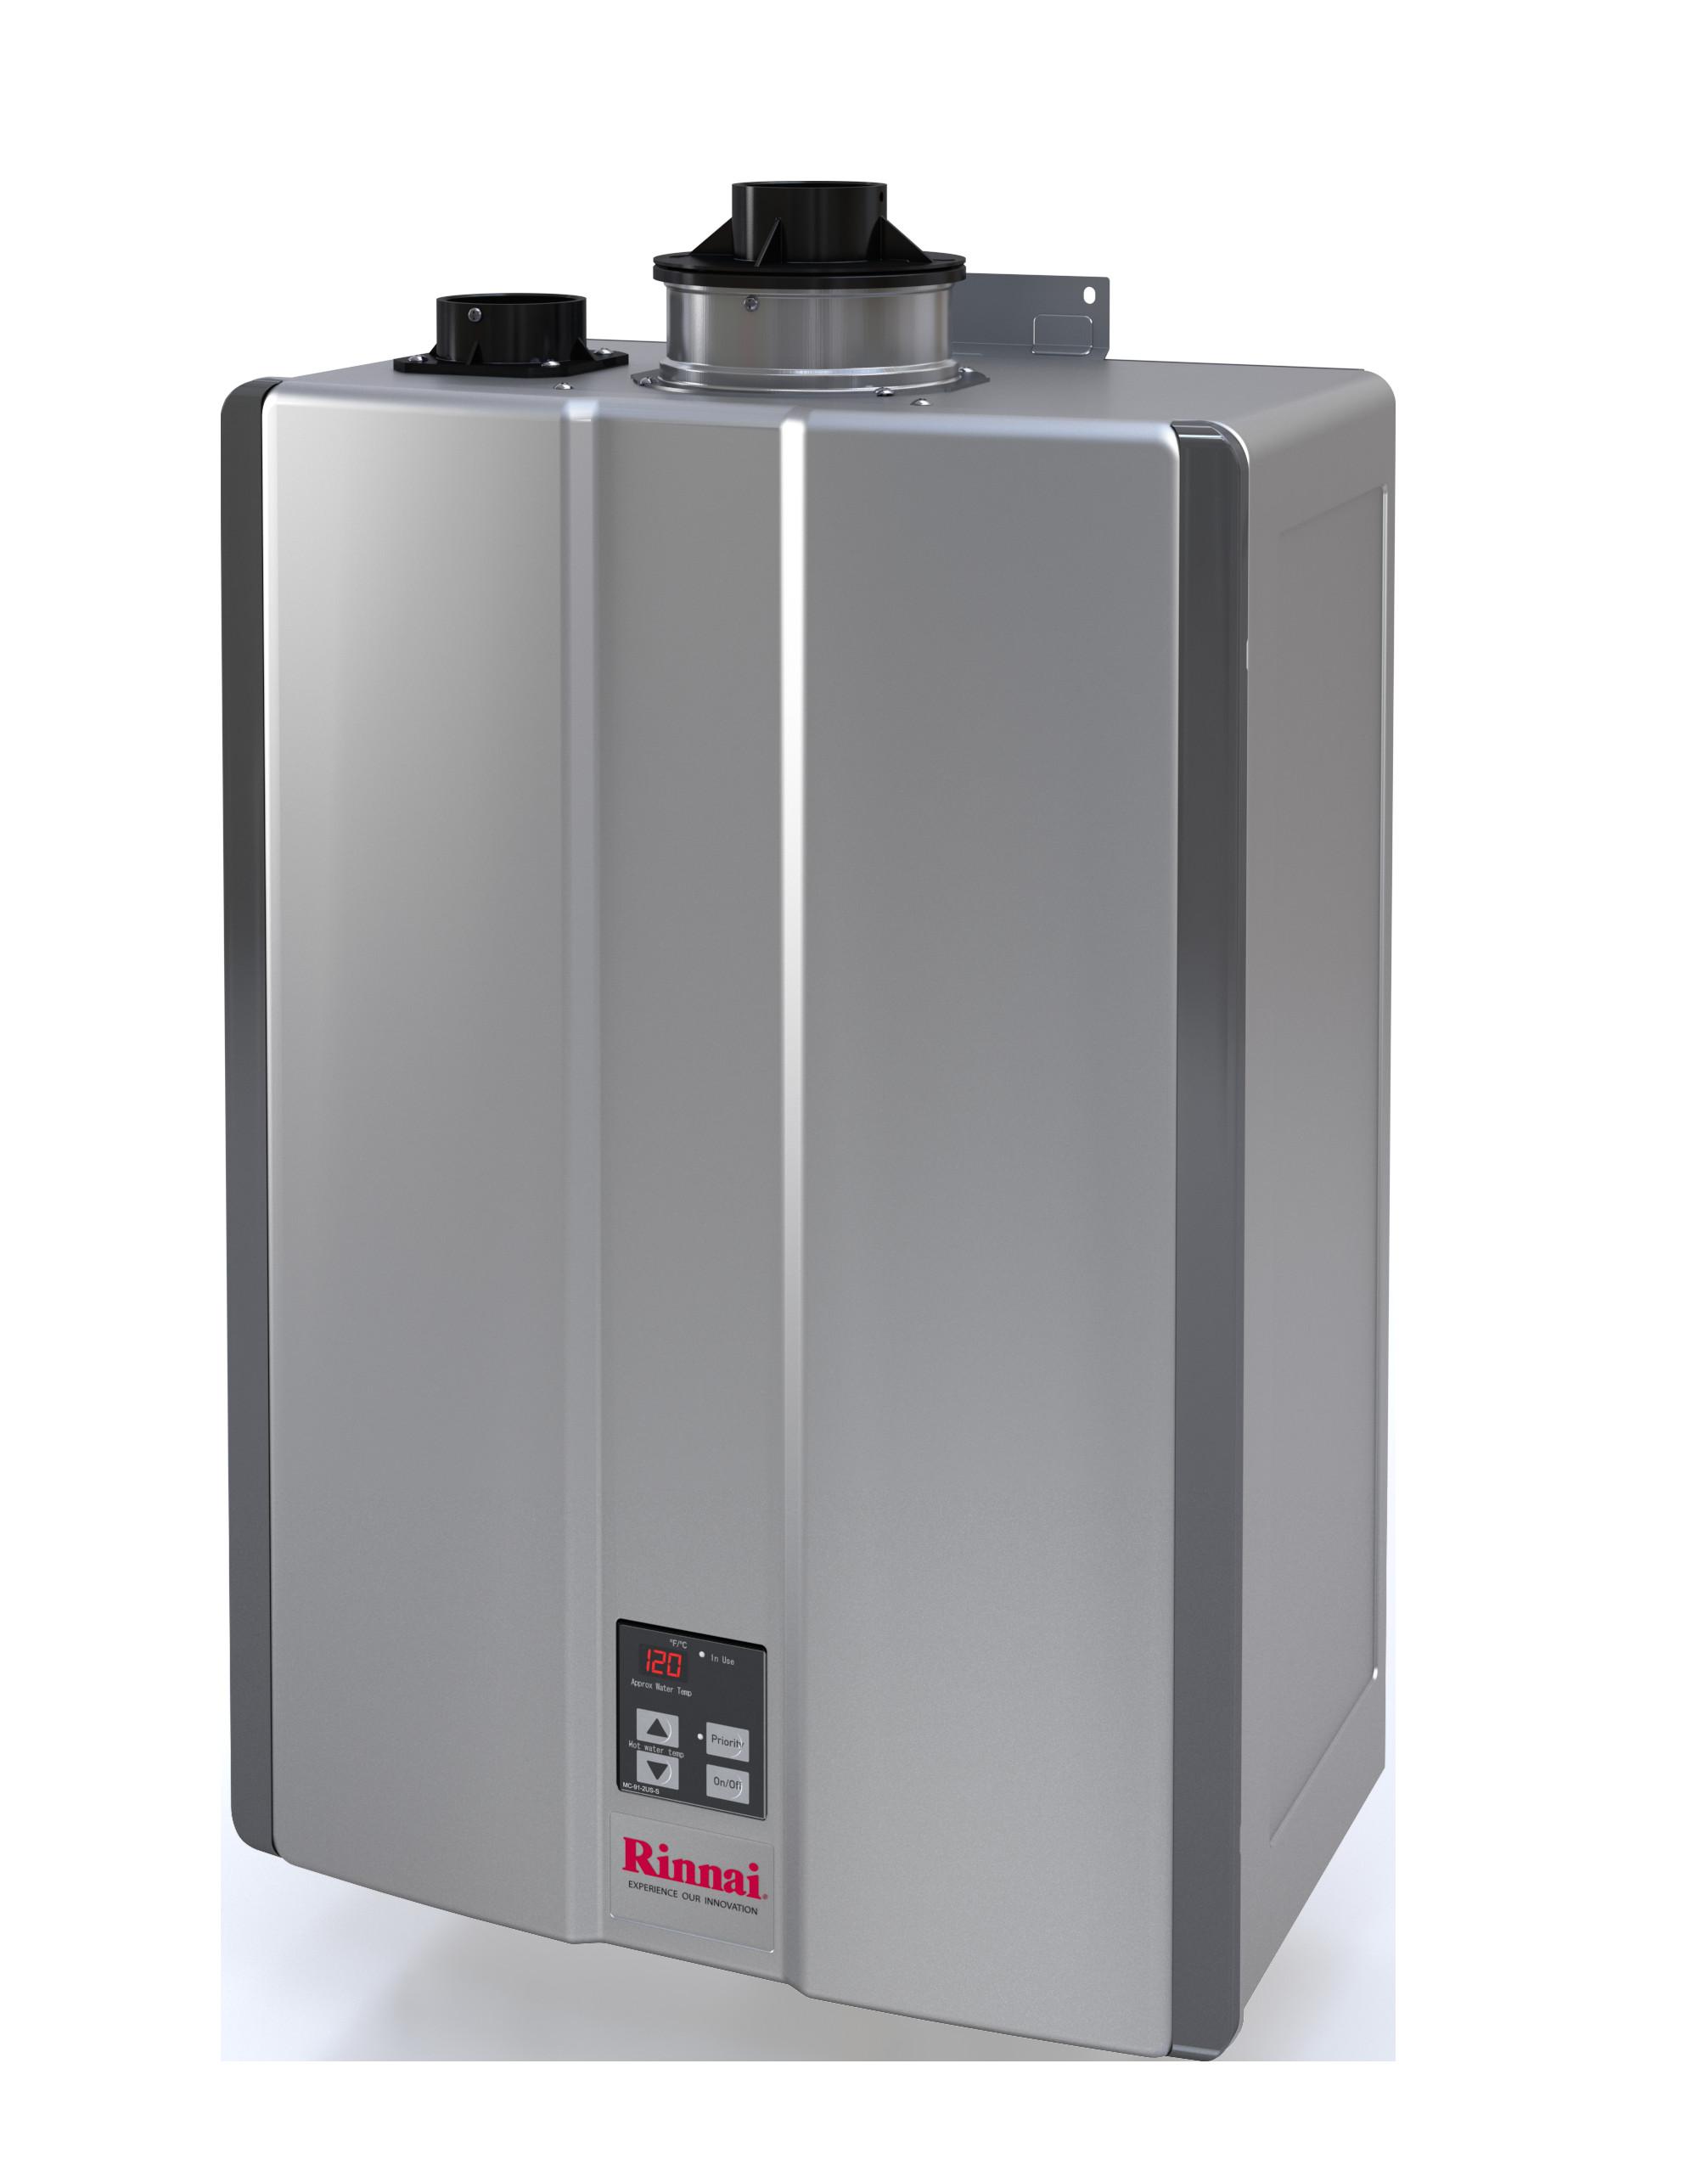 rur199in rur model series super high efficiency plus tankless water heater